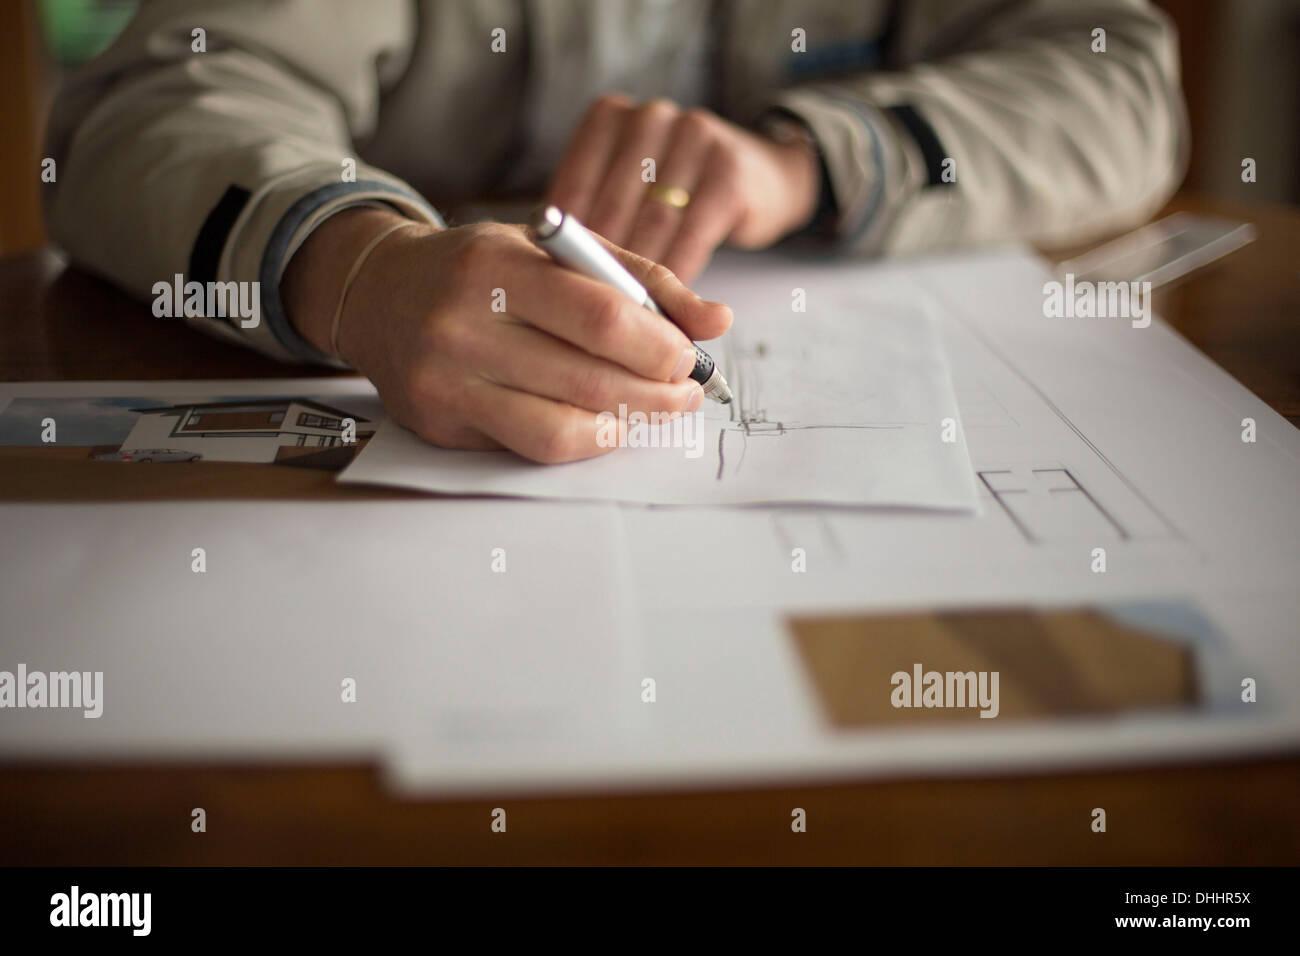 Sección intermedia del hombre haciendo el dibujo técnico Imagen De Stock